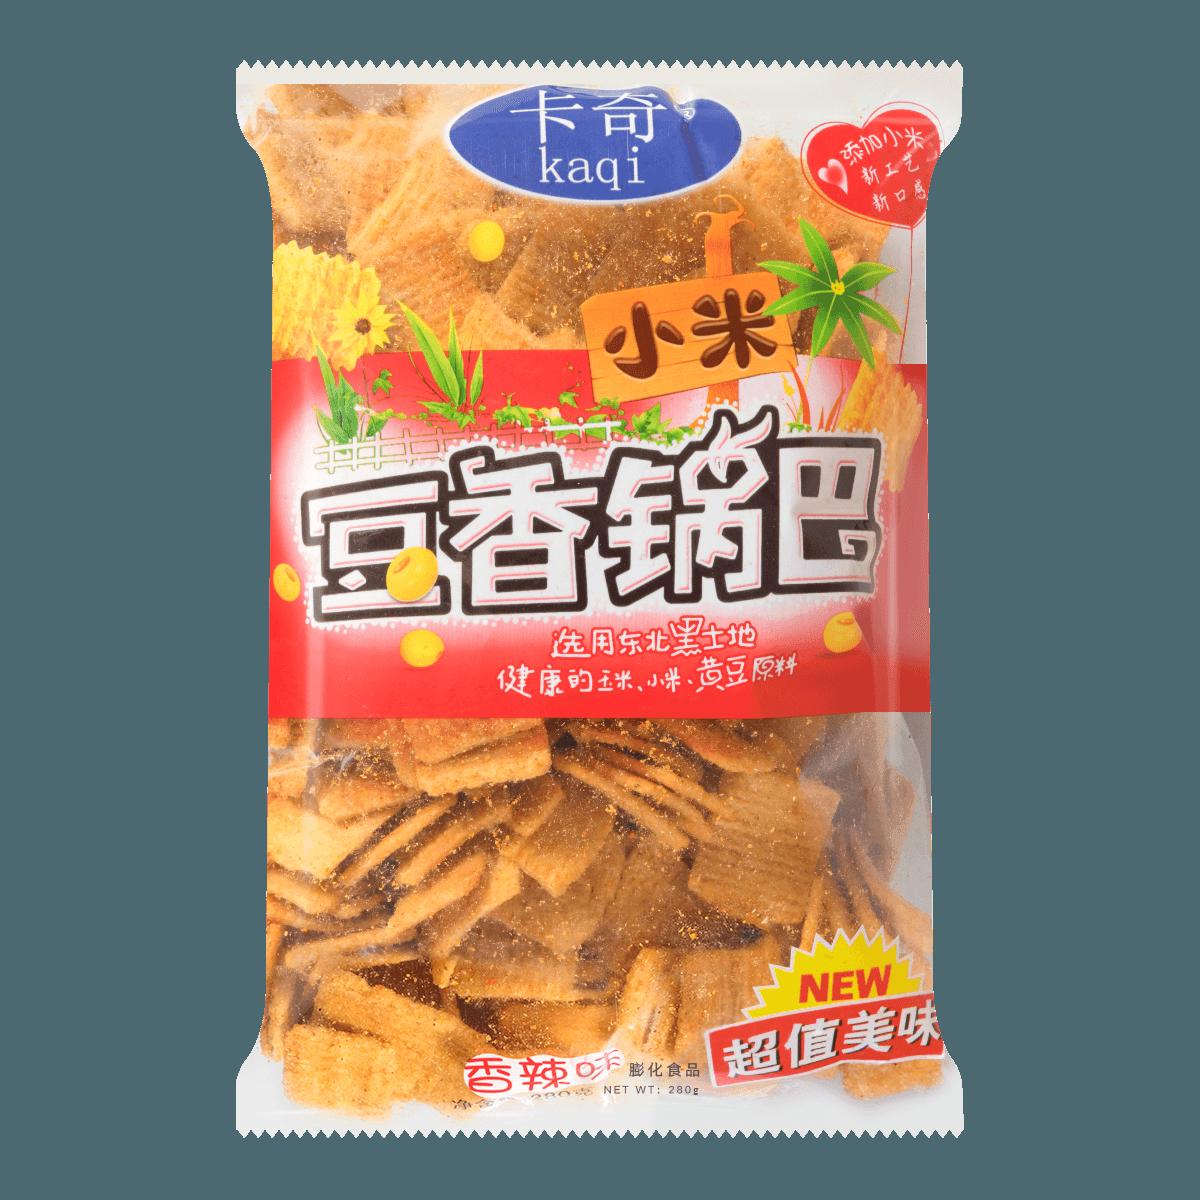 卡奇 小米豆香锅巴 香辣味 280g